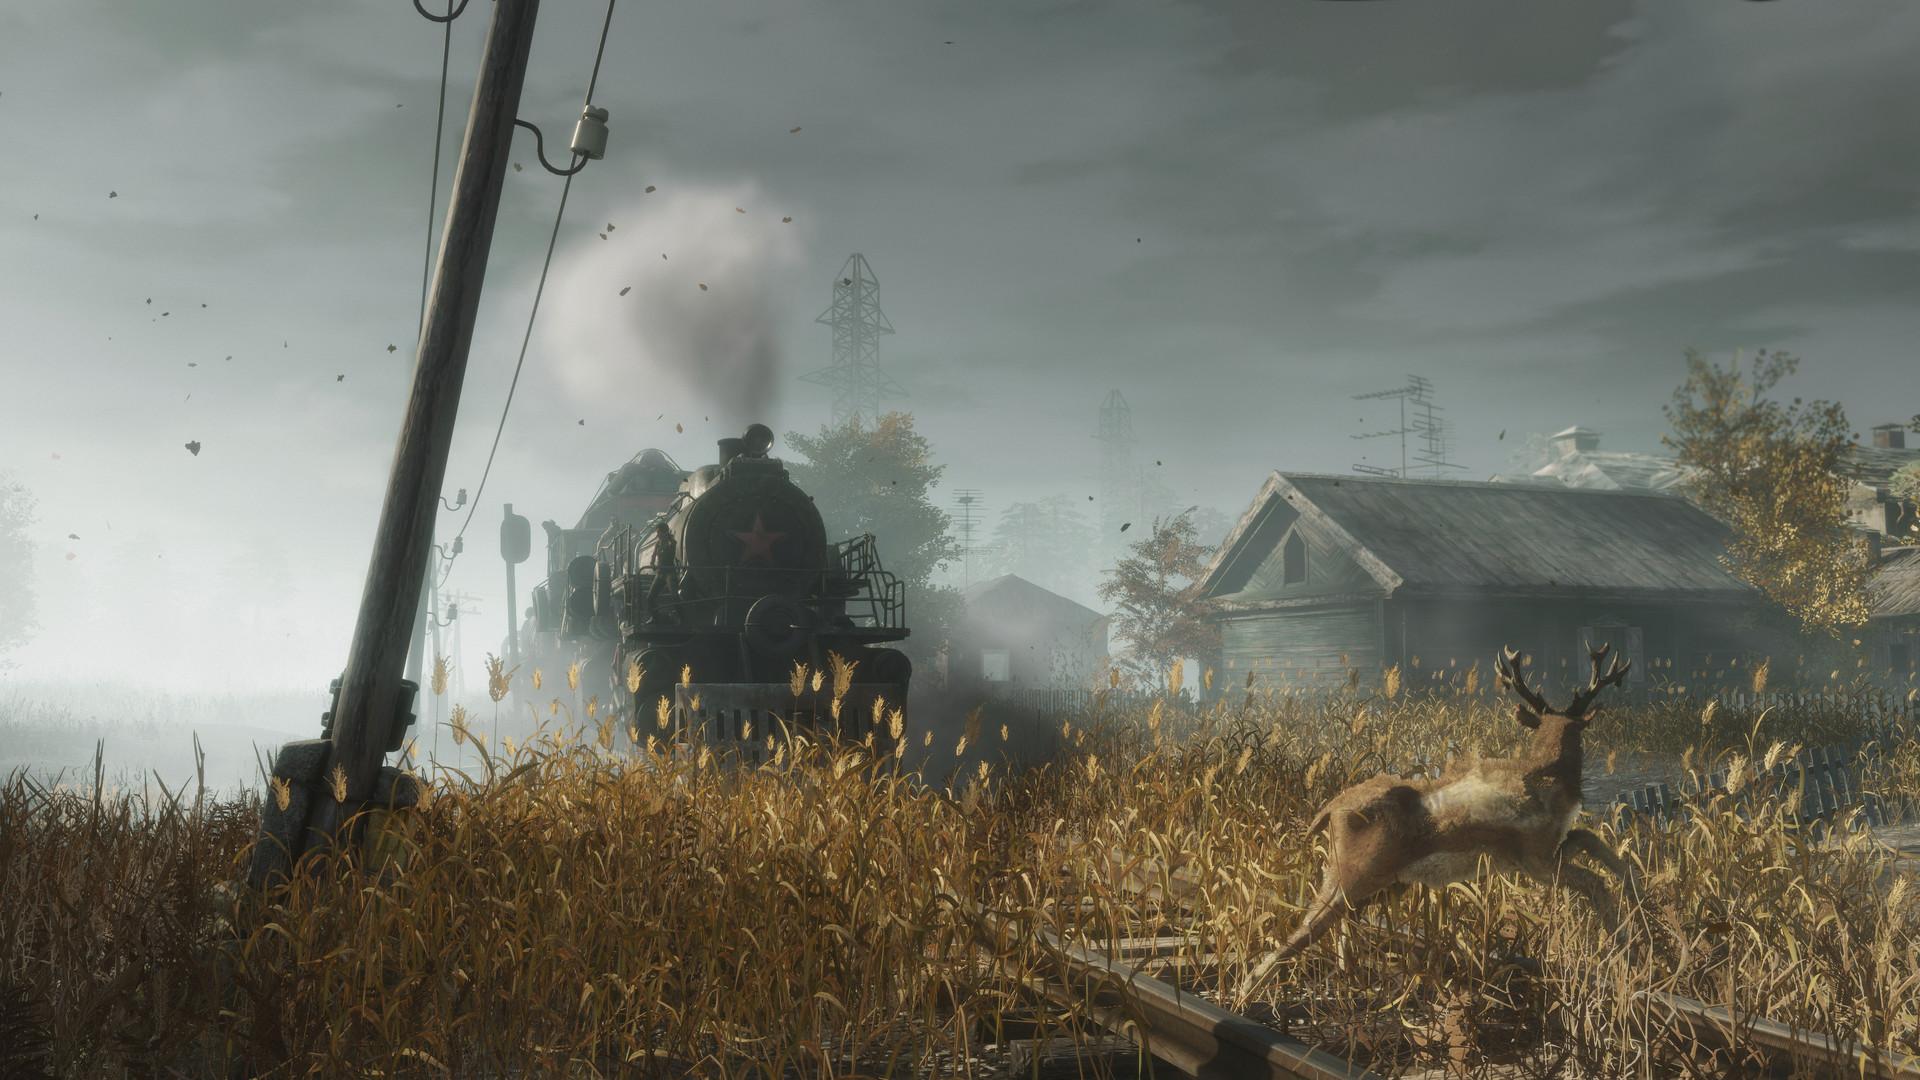 《地铁》系列游戏Steam特卖 《地铁:逃离》新史低